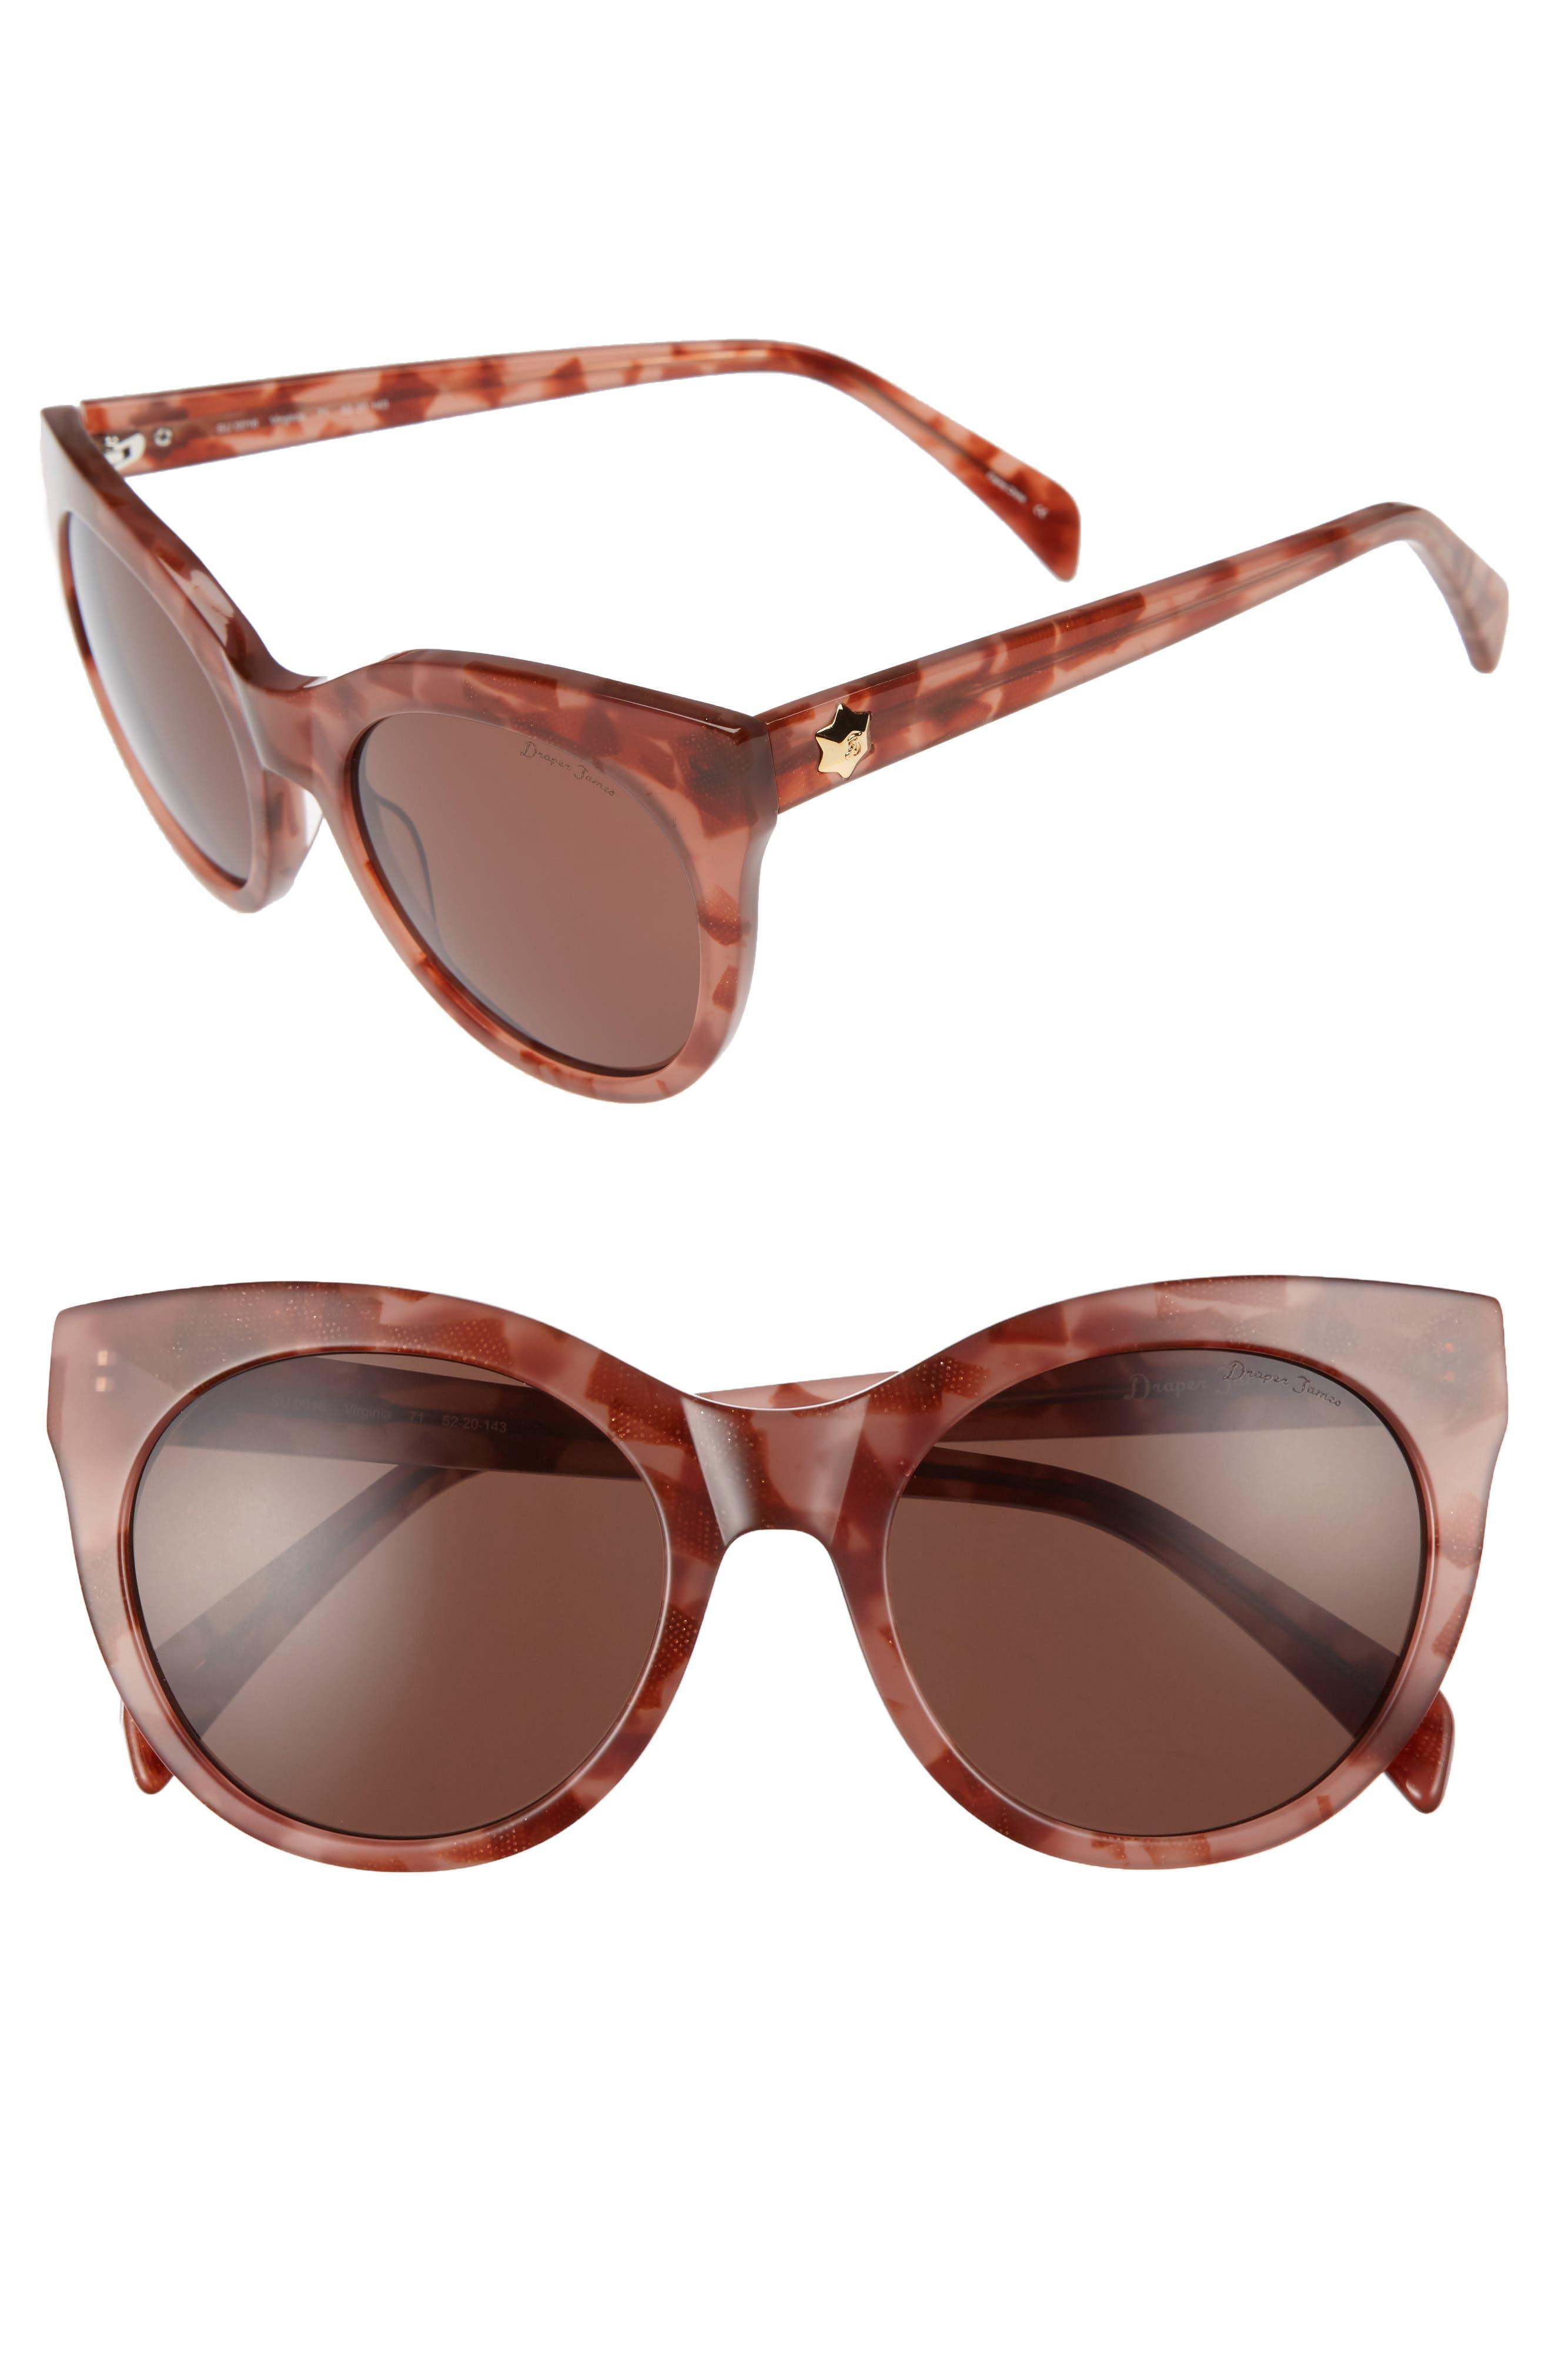 DRAPER JAMES 52mm Round Cat Eye Sunglasses